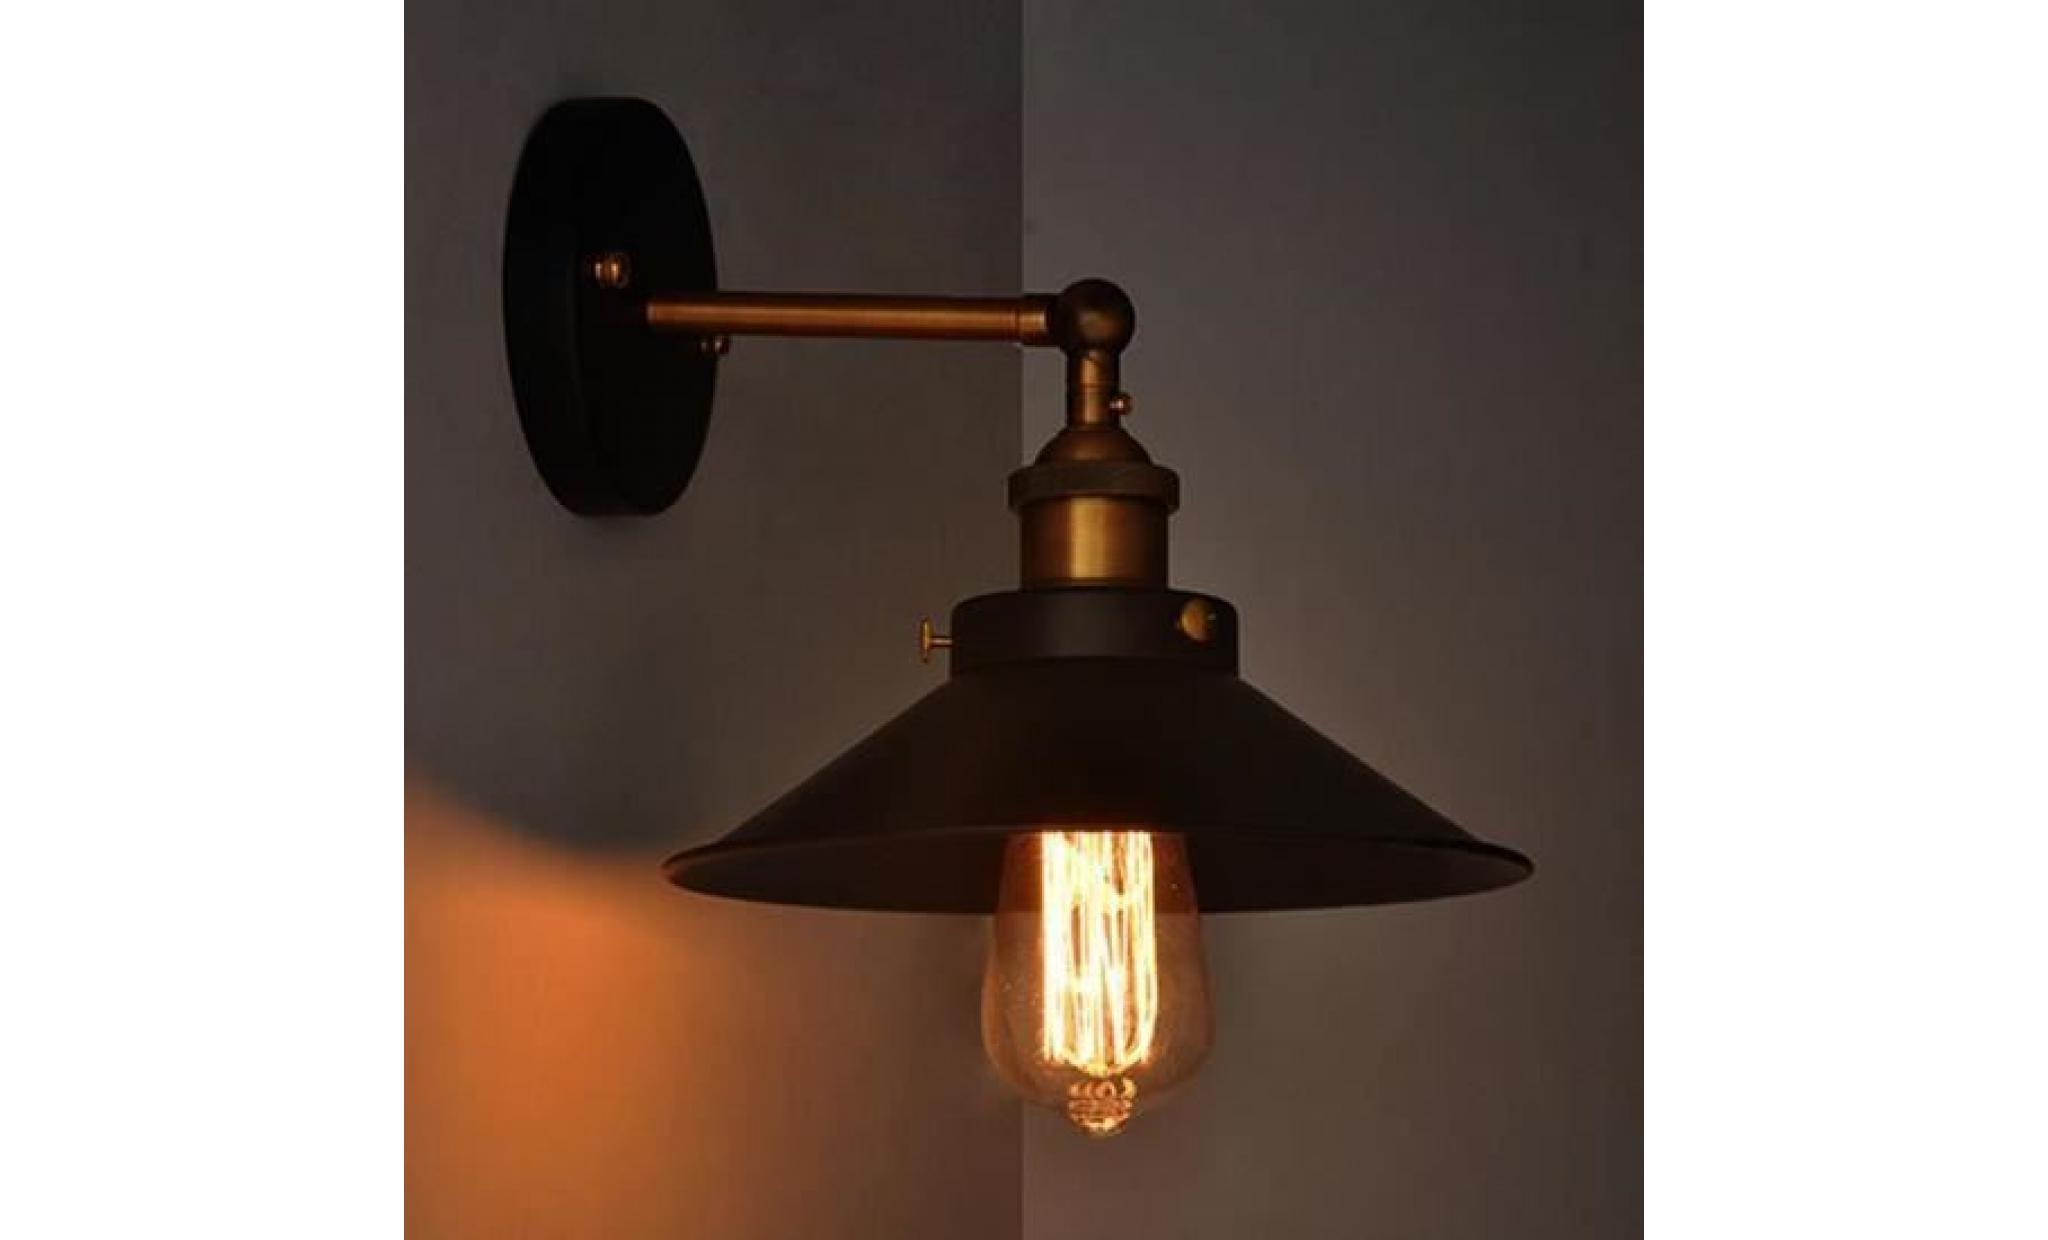 Diamètre Lampe Vintage Loft mur luminaires rétro Applique murale Edison E27 21 cm (ampoule ne sont pas compris)